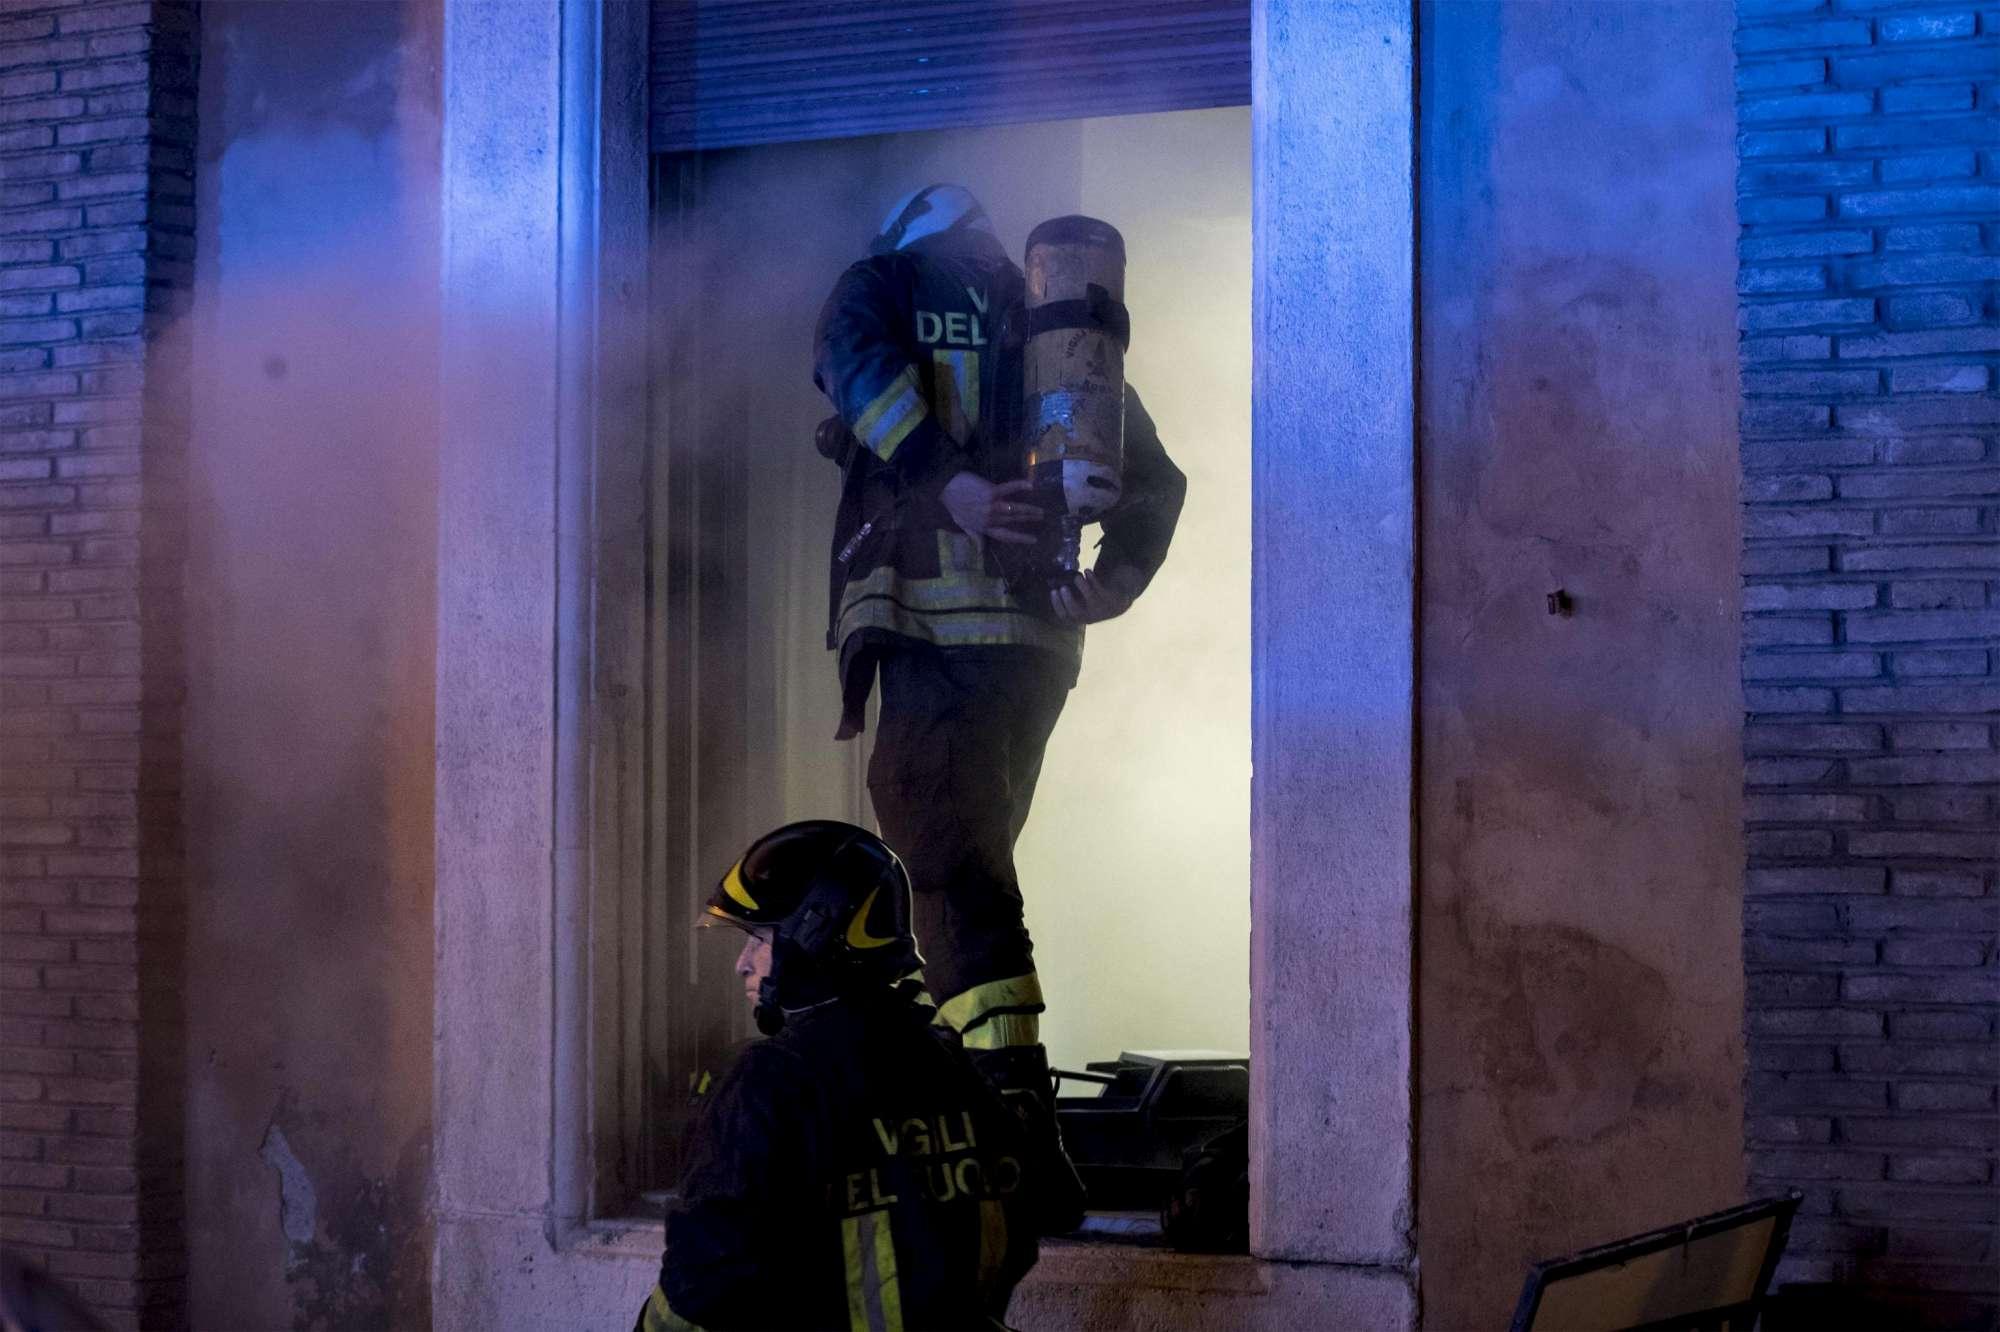 Principio d'incendio all'ospedale Fatebenefratelli sull'Isola Tiberina, evacuati pazienti